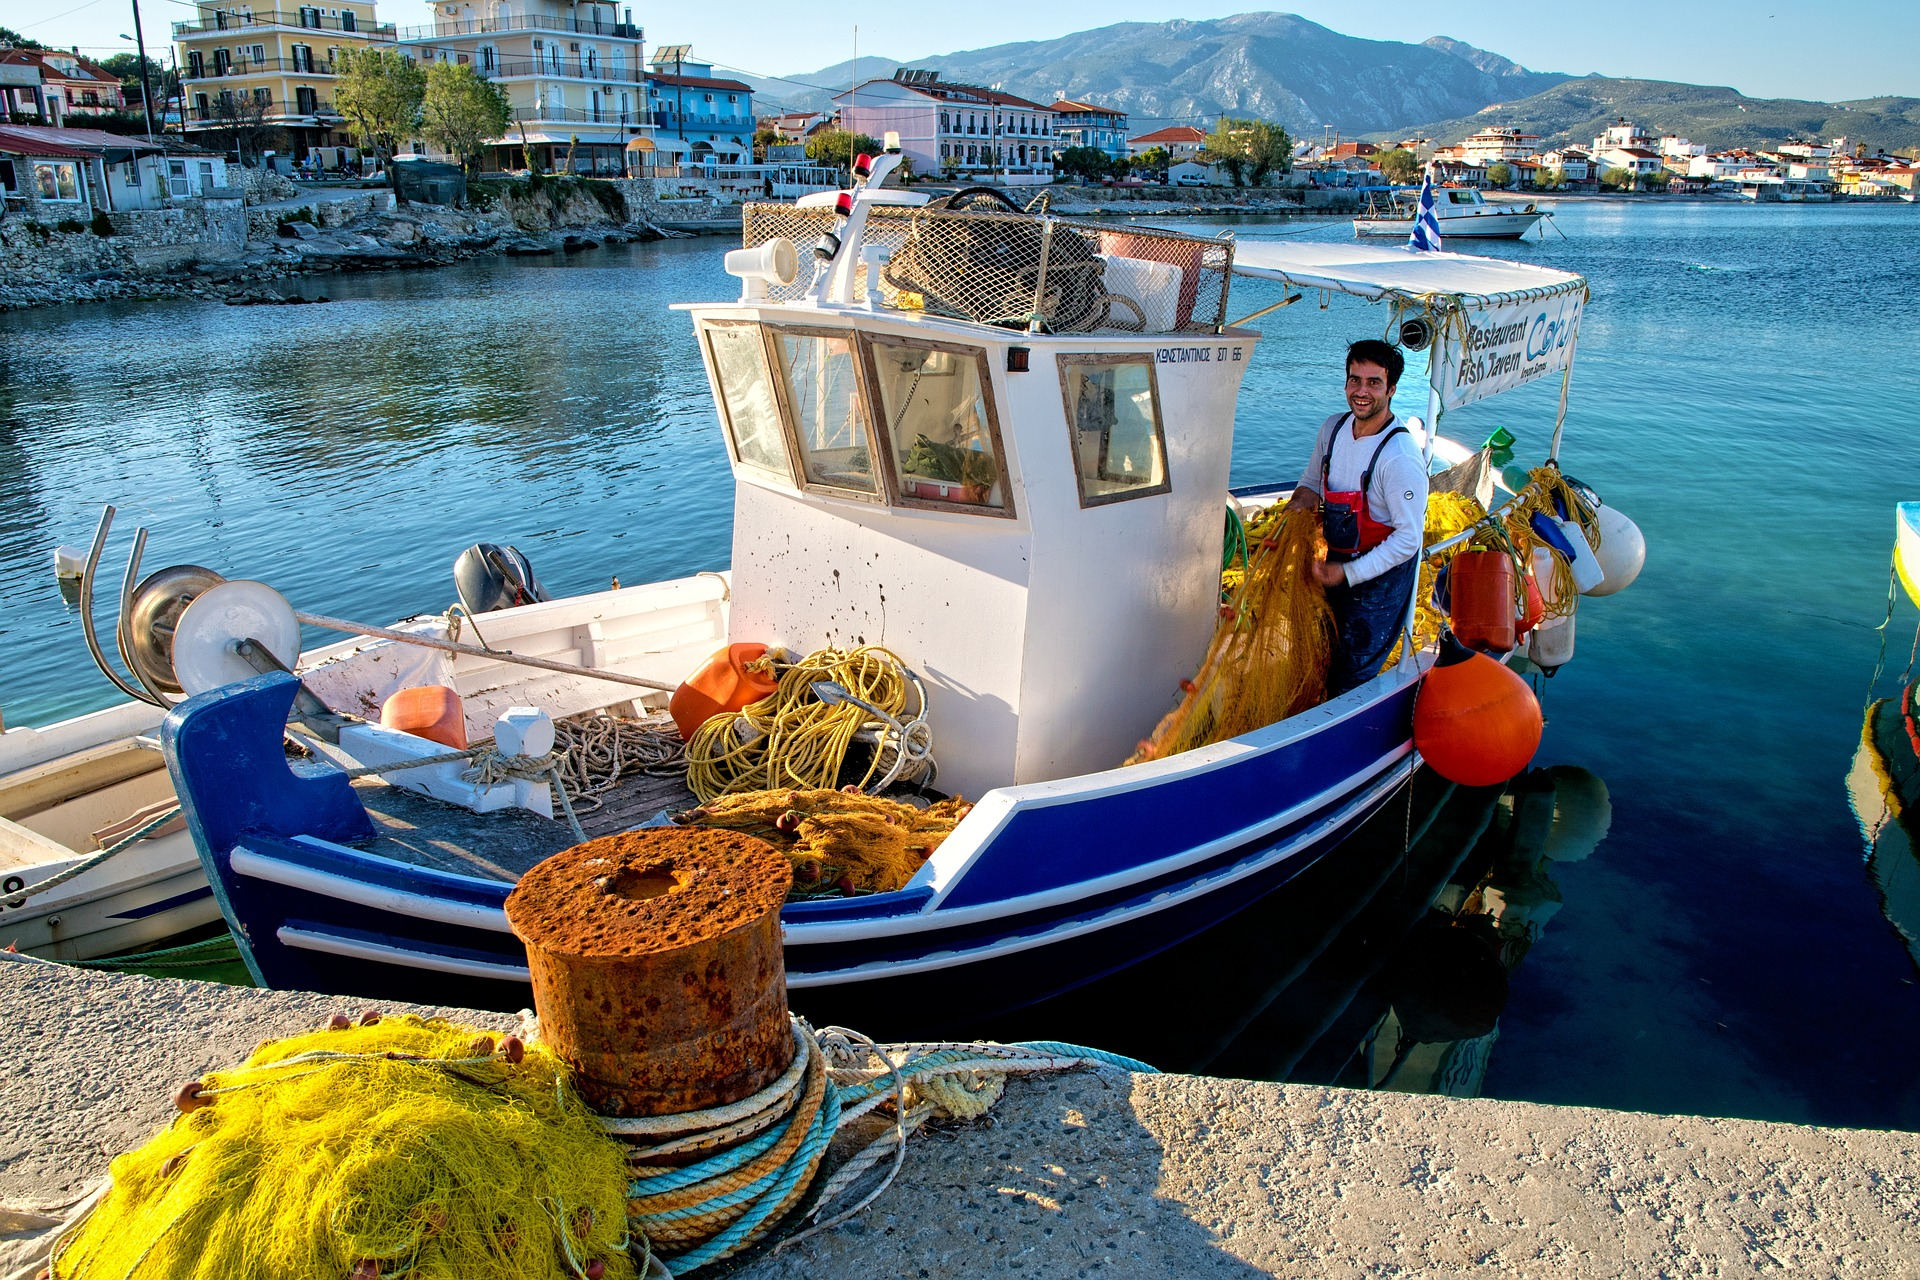 fishing-boat-3399551_1920.jpg